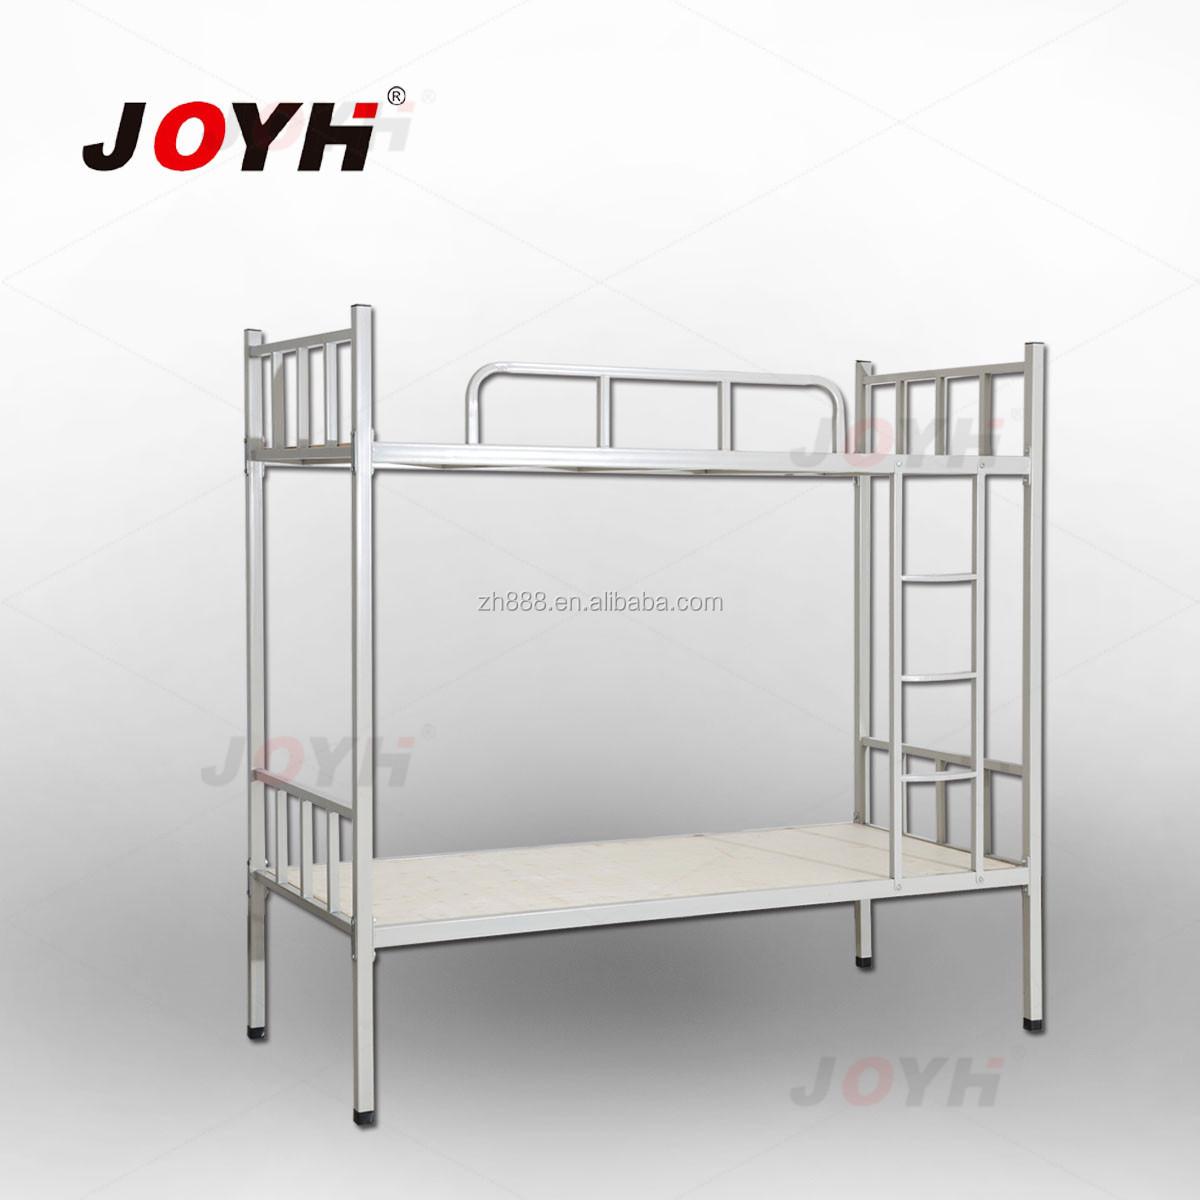 Steel double deck bed - Steel Double Decker Bed For School Or The Army Buy Steel Double Decker Bed Double Decker Bunk Beds Bed For The Army Product On Alibaba Com